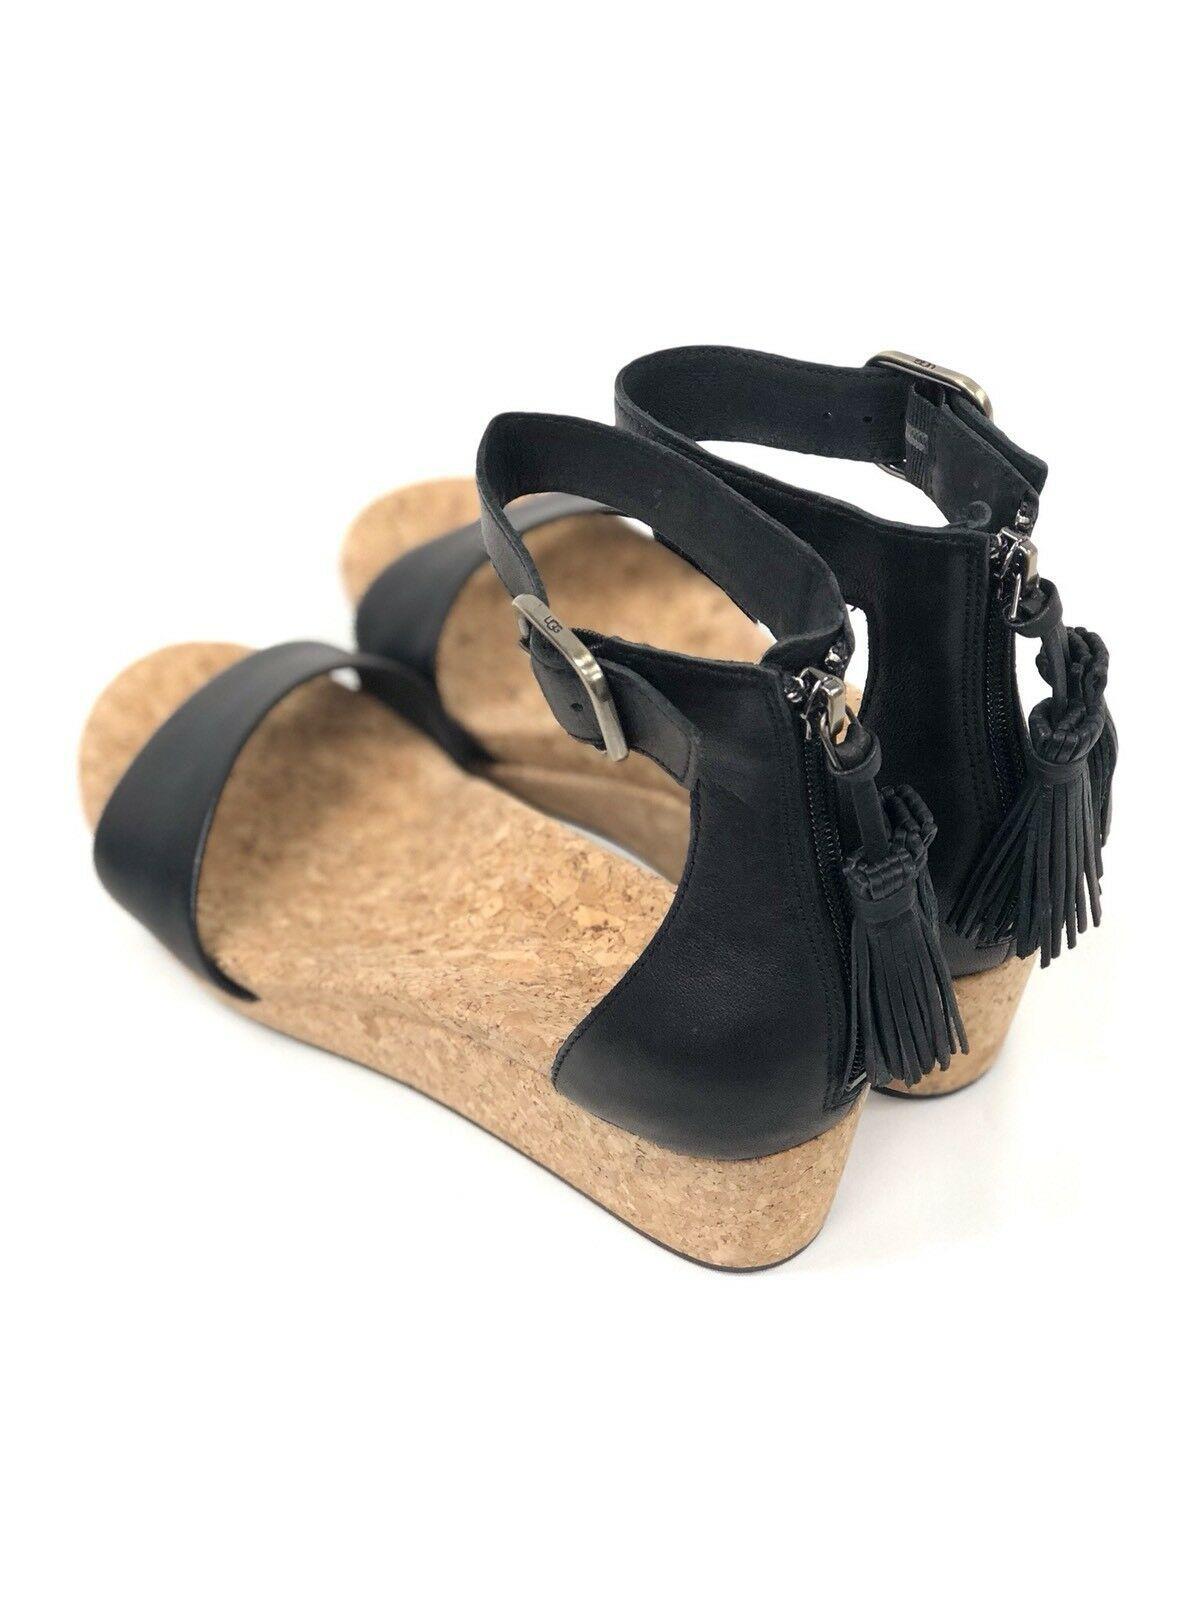 UGG Australia Women's Zoe Black Tassel Open Toe Wedge Sandal 1019973 Casual Shoe